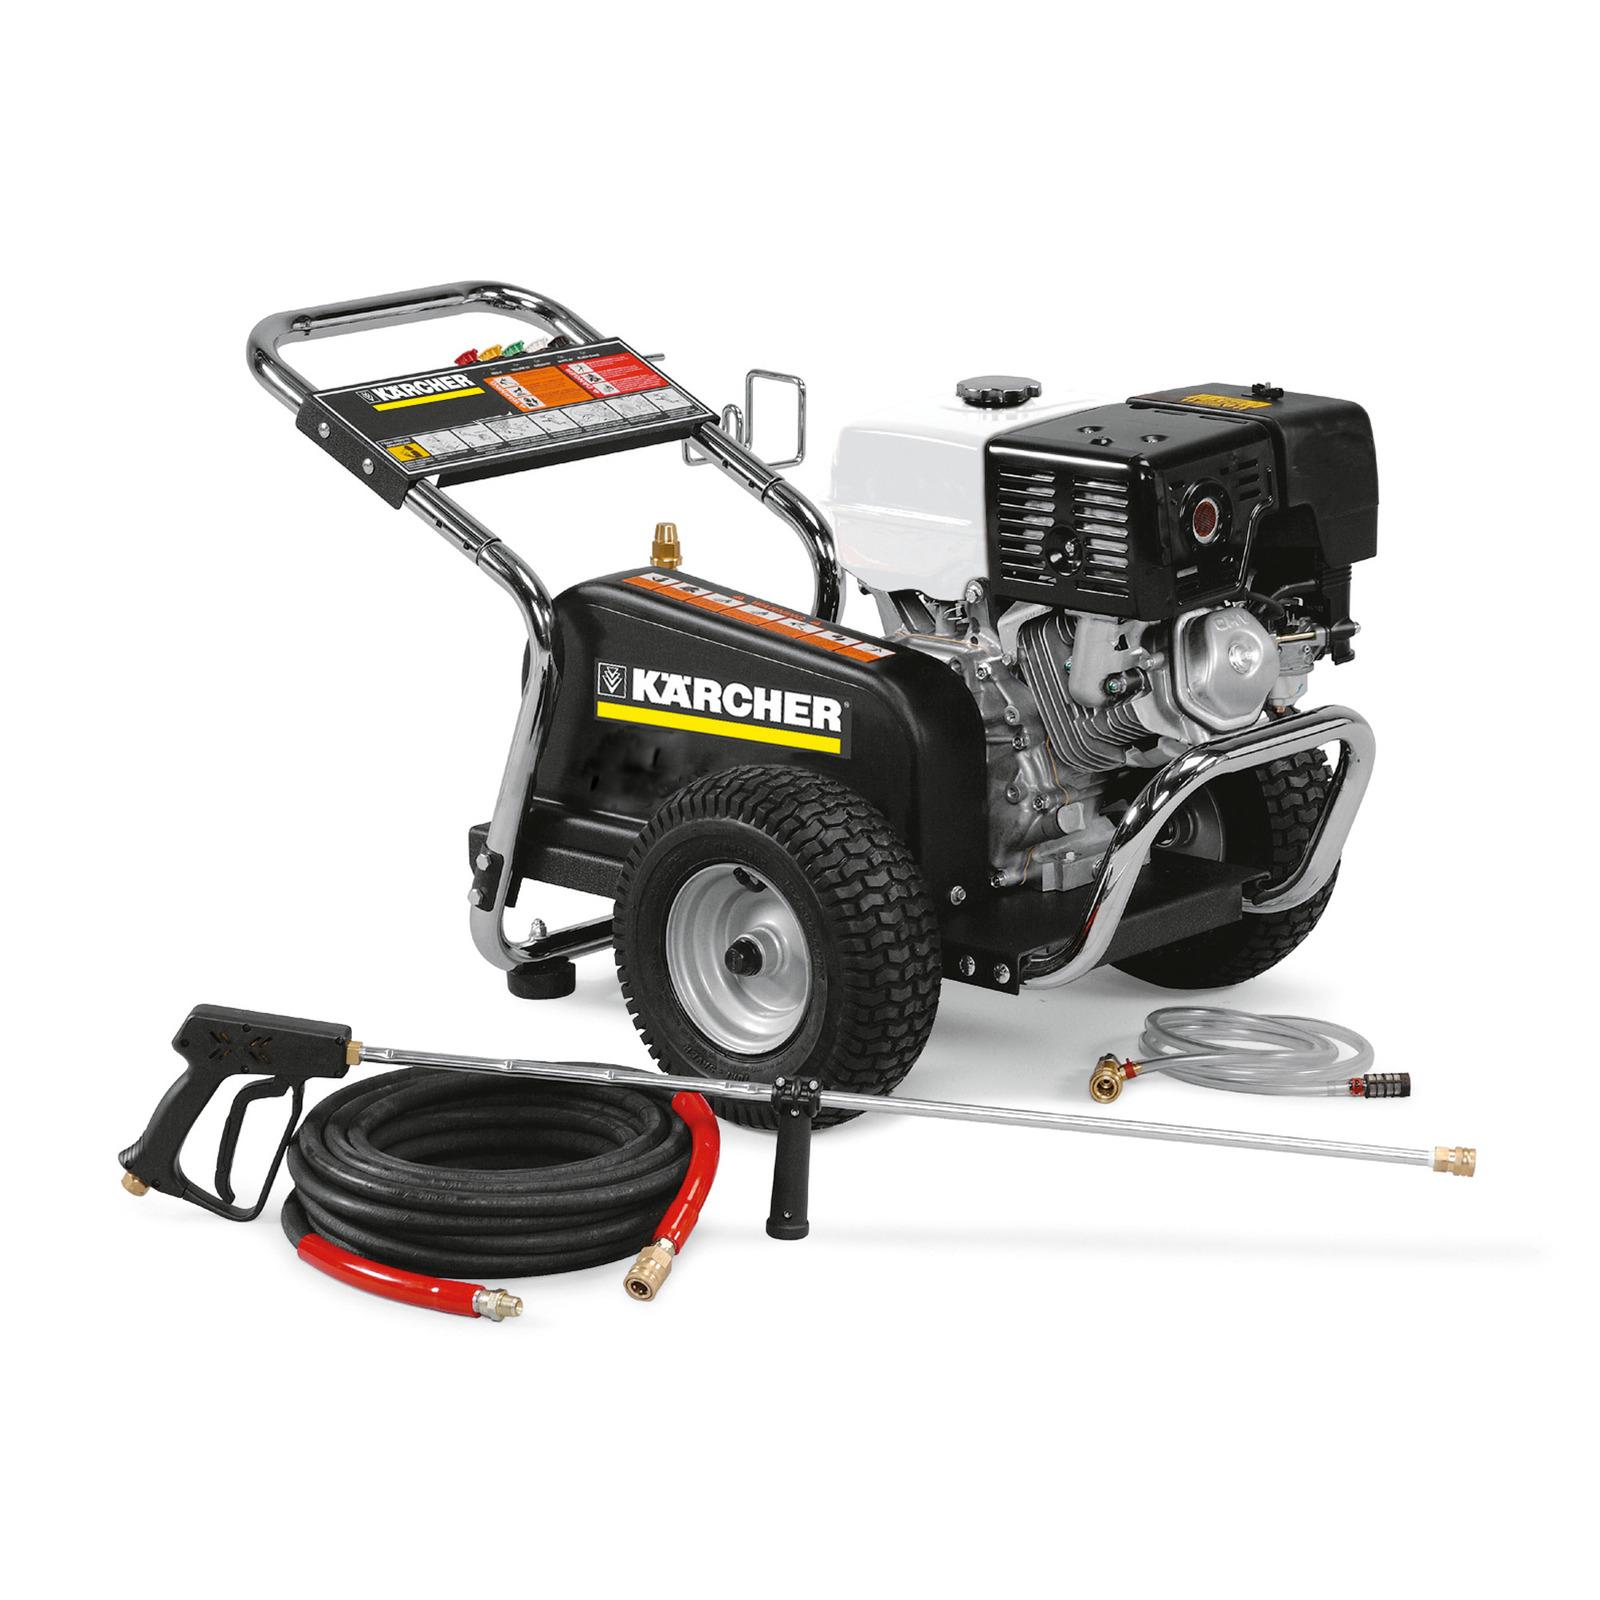 High Pressure Washer Hd 3 7 35 Pb K 228 Rcher Canada